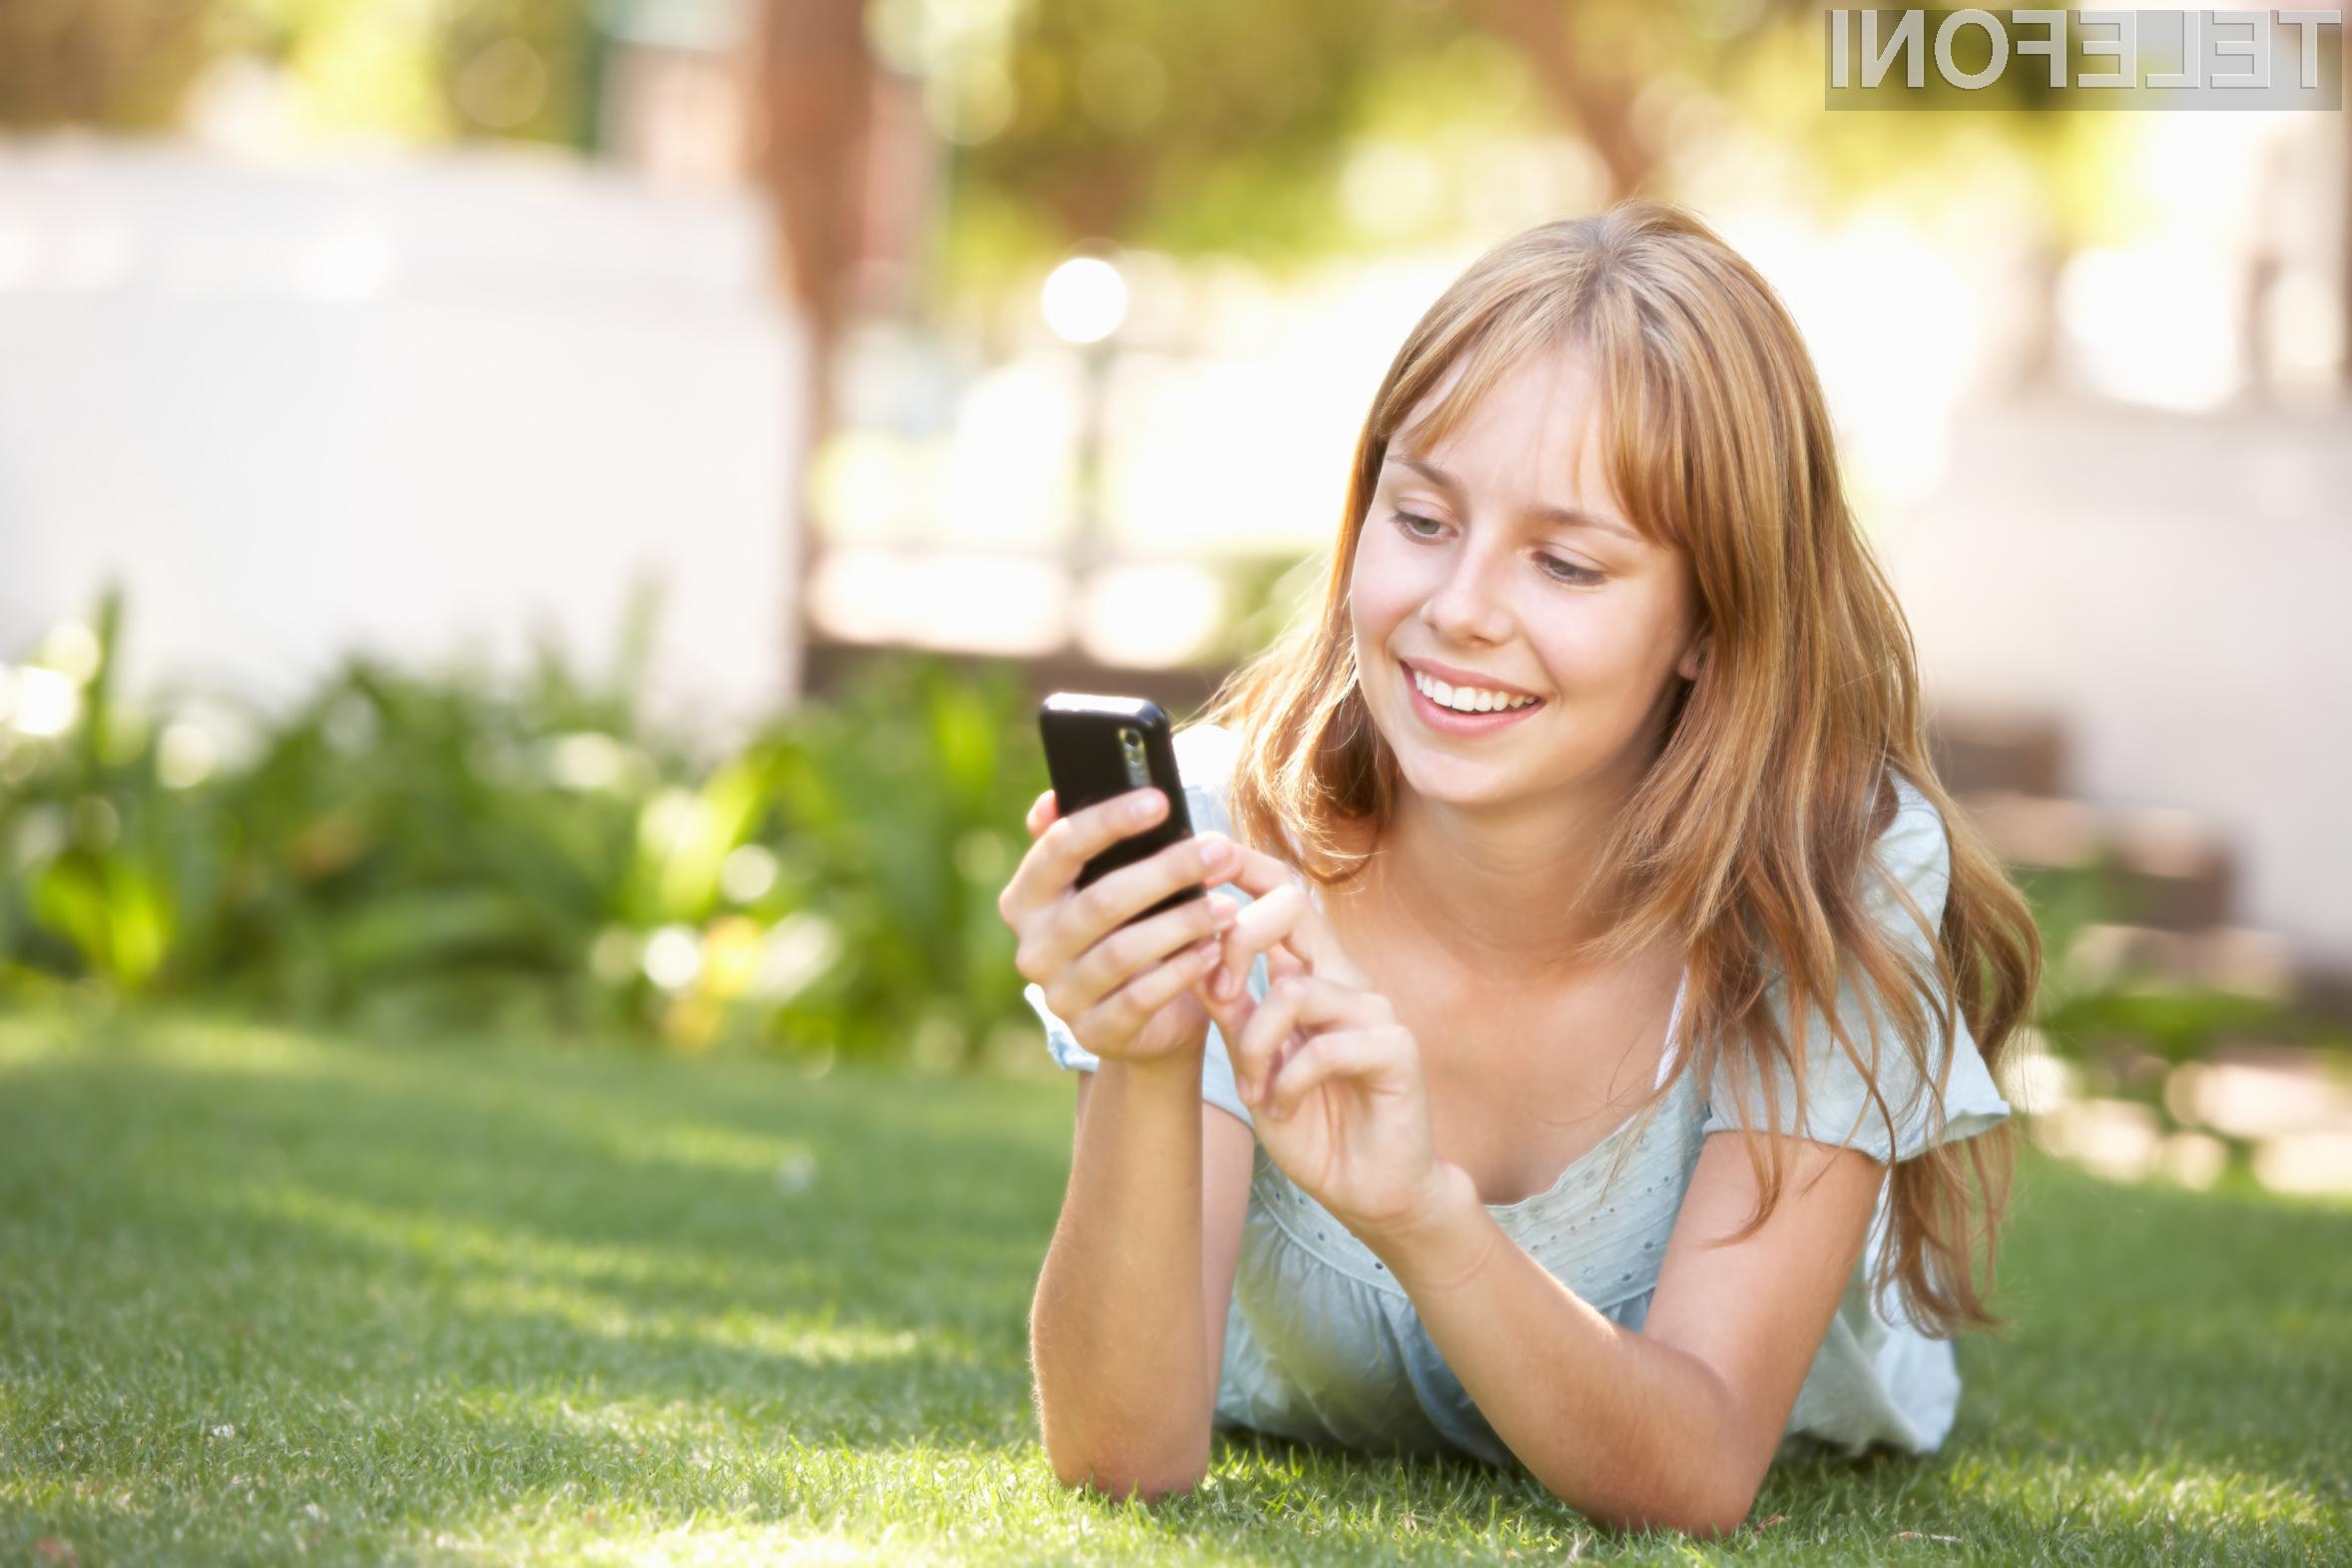 Cenejše telefoniranje in mobilni internet po vseh državah Evropske unije